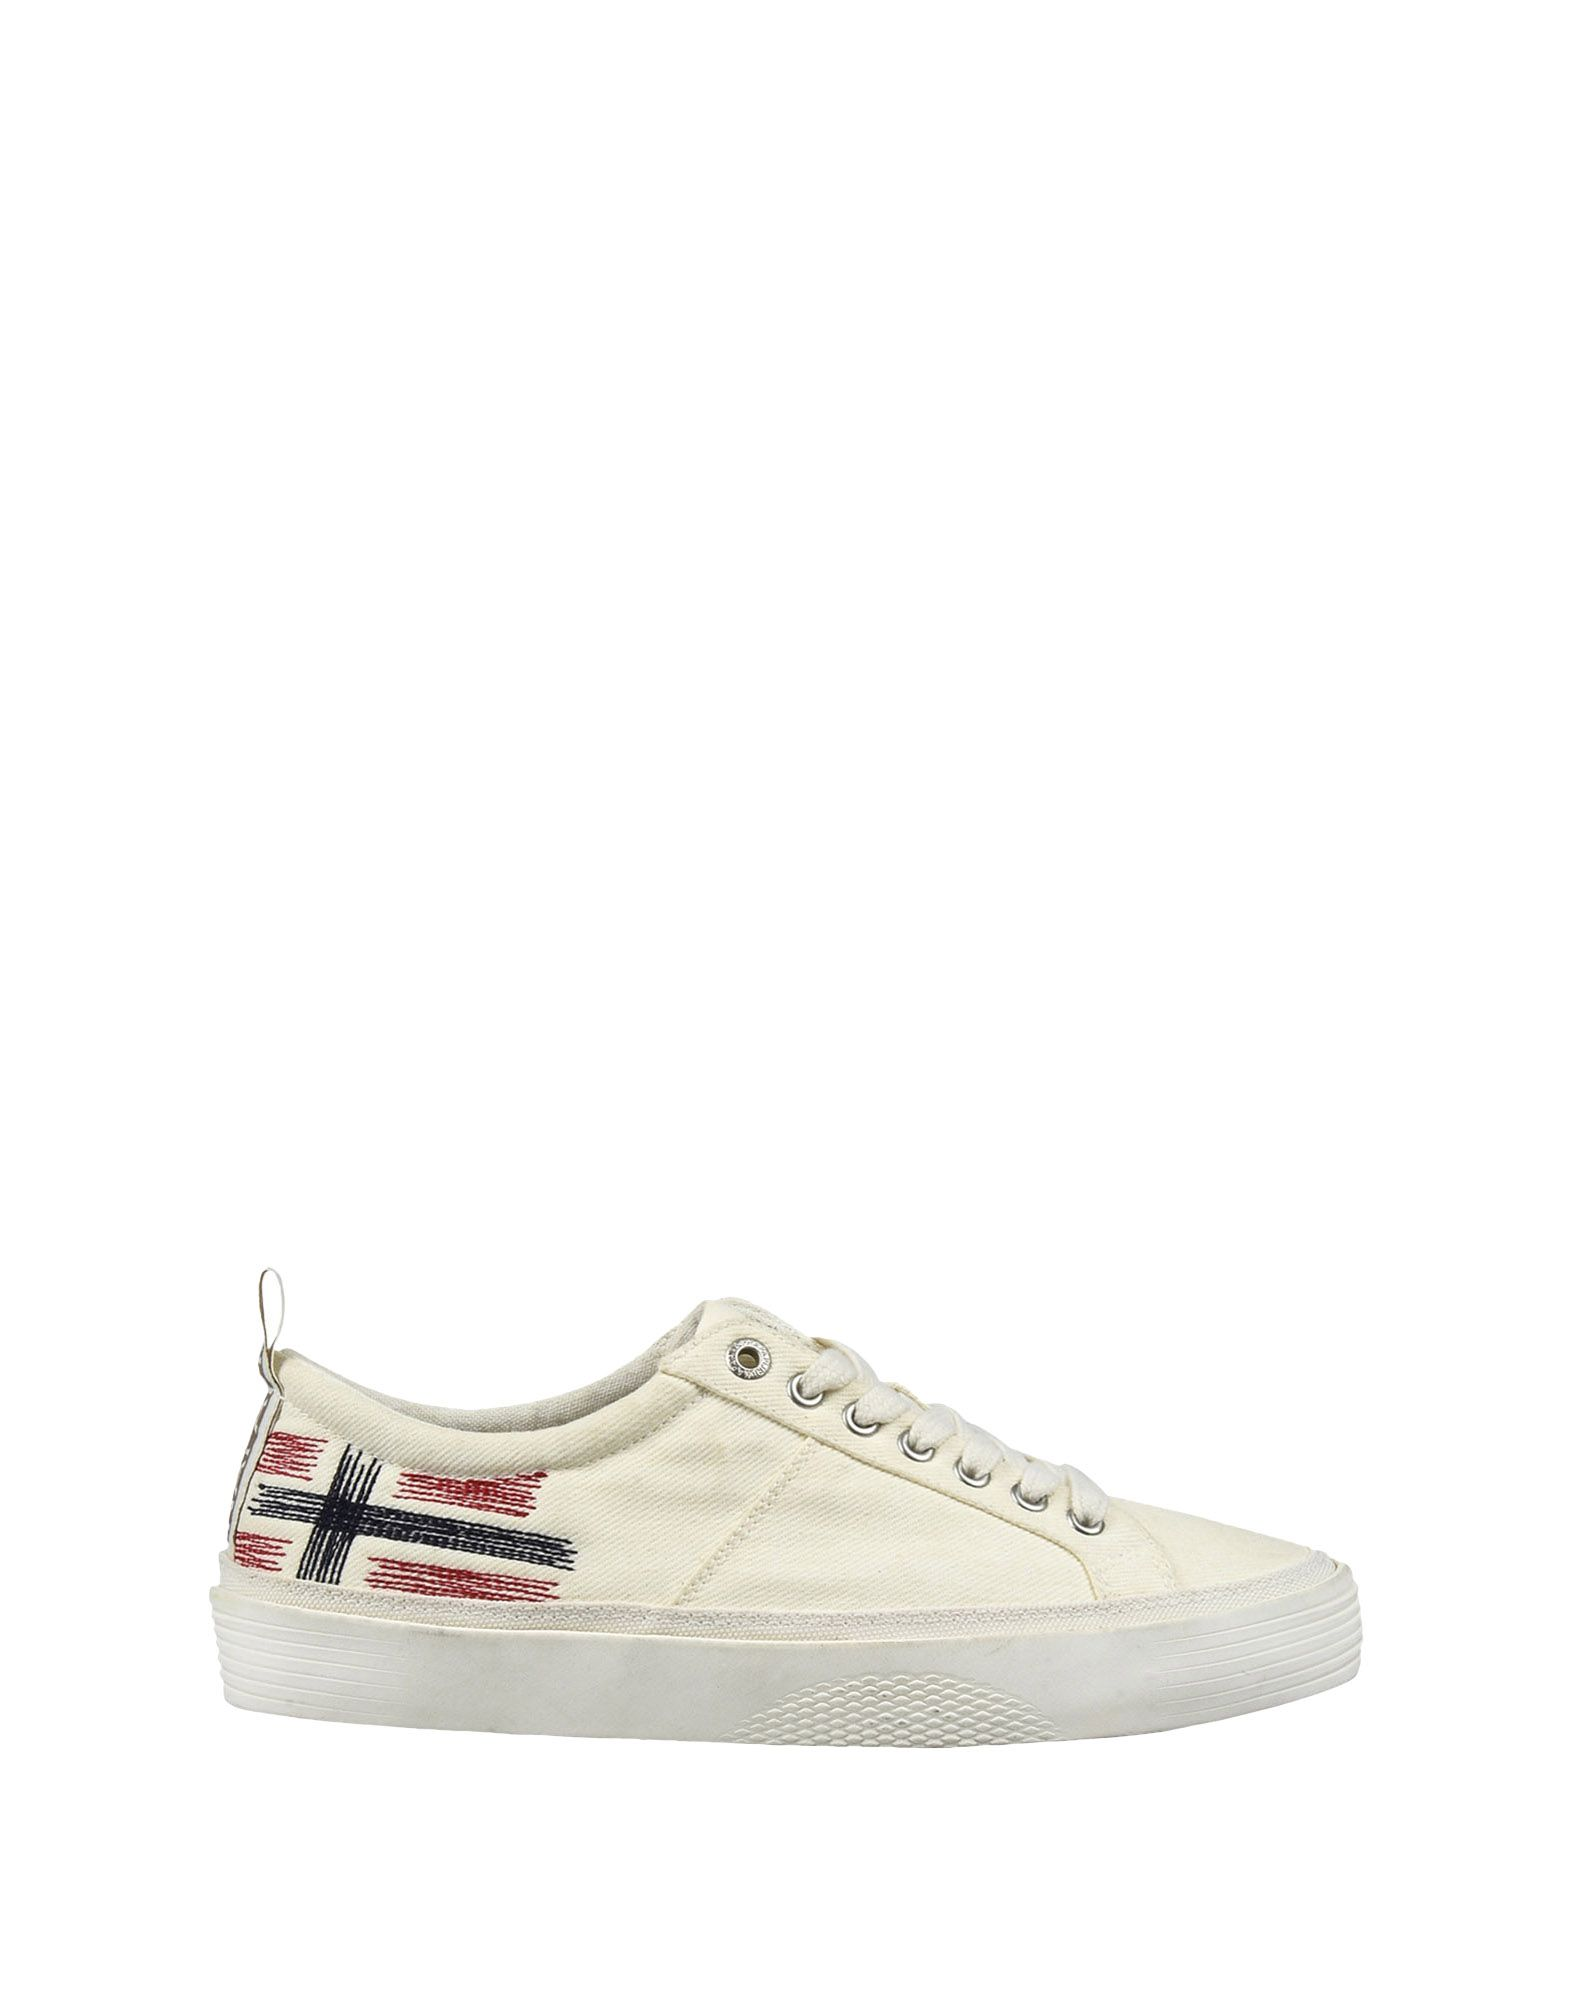 Moda Sneakers Napapijri Napapijri Napapijri Uomo - 11394617ST 70f34a